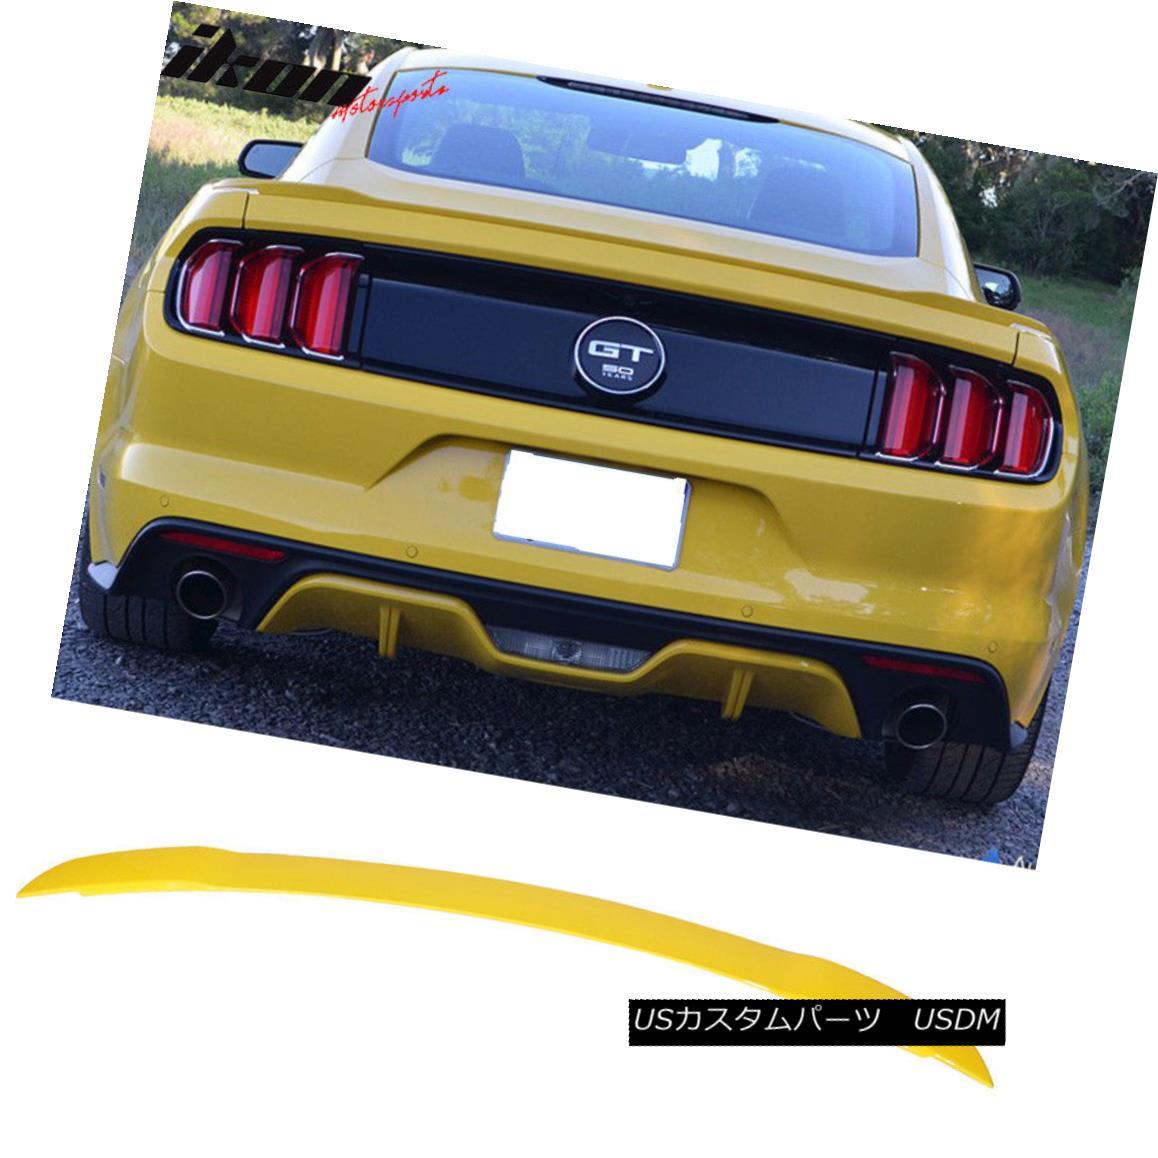 エアロパーツ 15-18 Ford Mustang 2Dr Coupe GT Trunk Spoiler Painted Triple Yellow # H3 - ABS 15-18フォードマスタング2DrクーペGTトランクスポイラーペイントトリプルイエロー#H3 - ABS